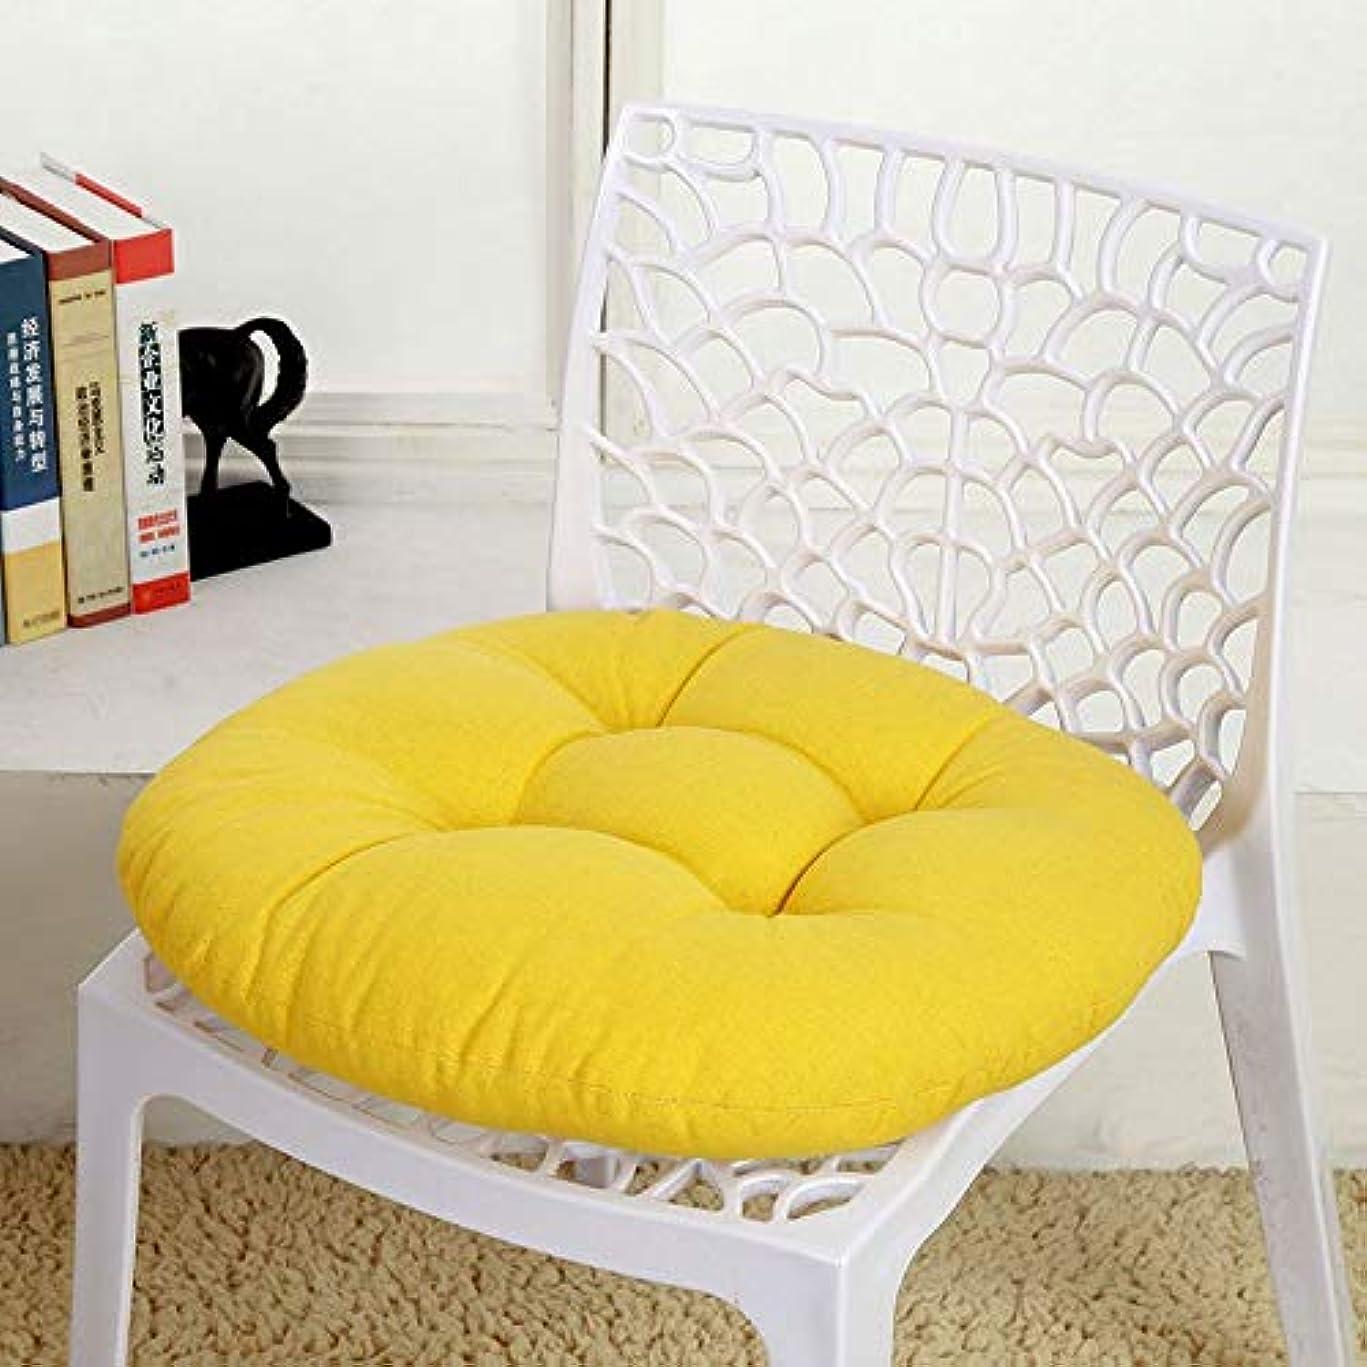 カレンダー発動機経験的LIFE キャンディカラーのクッションラウンドシートクッション波ウィンドウシートクッションクッション家の装飾パッドラウンド枕シート枕椅子座る枕 クッション 椅子